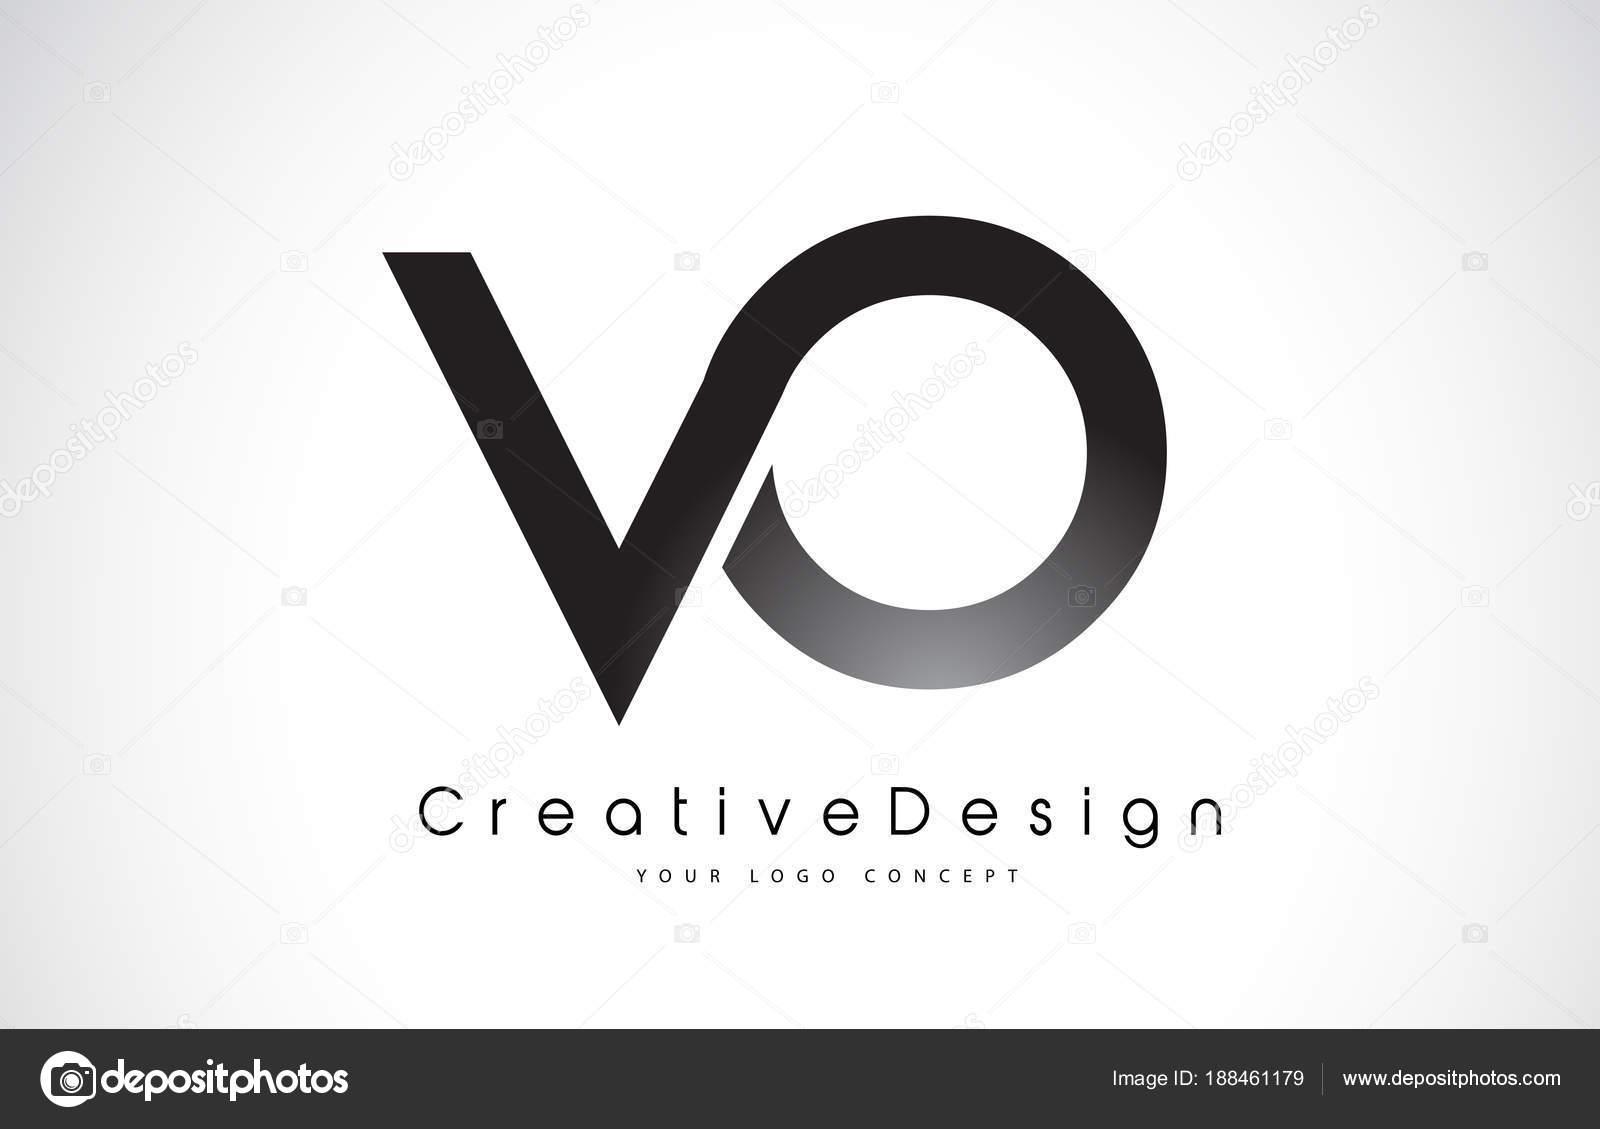 diseño de logotipo vo v o carta vector de cartas moderno icono